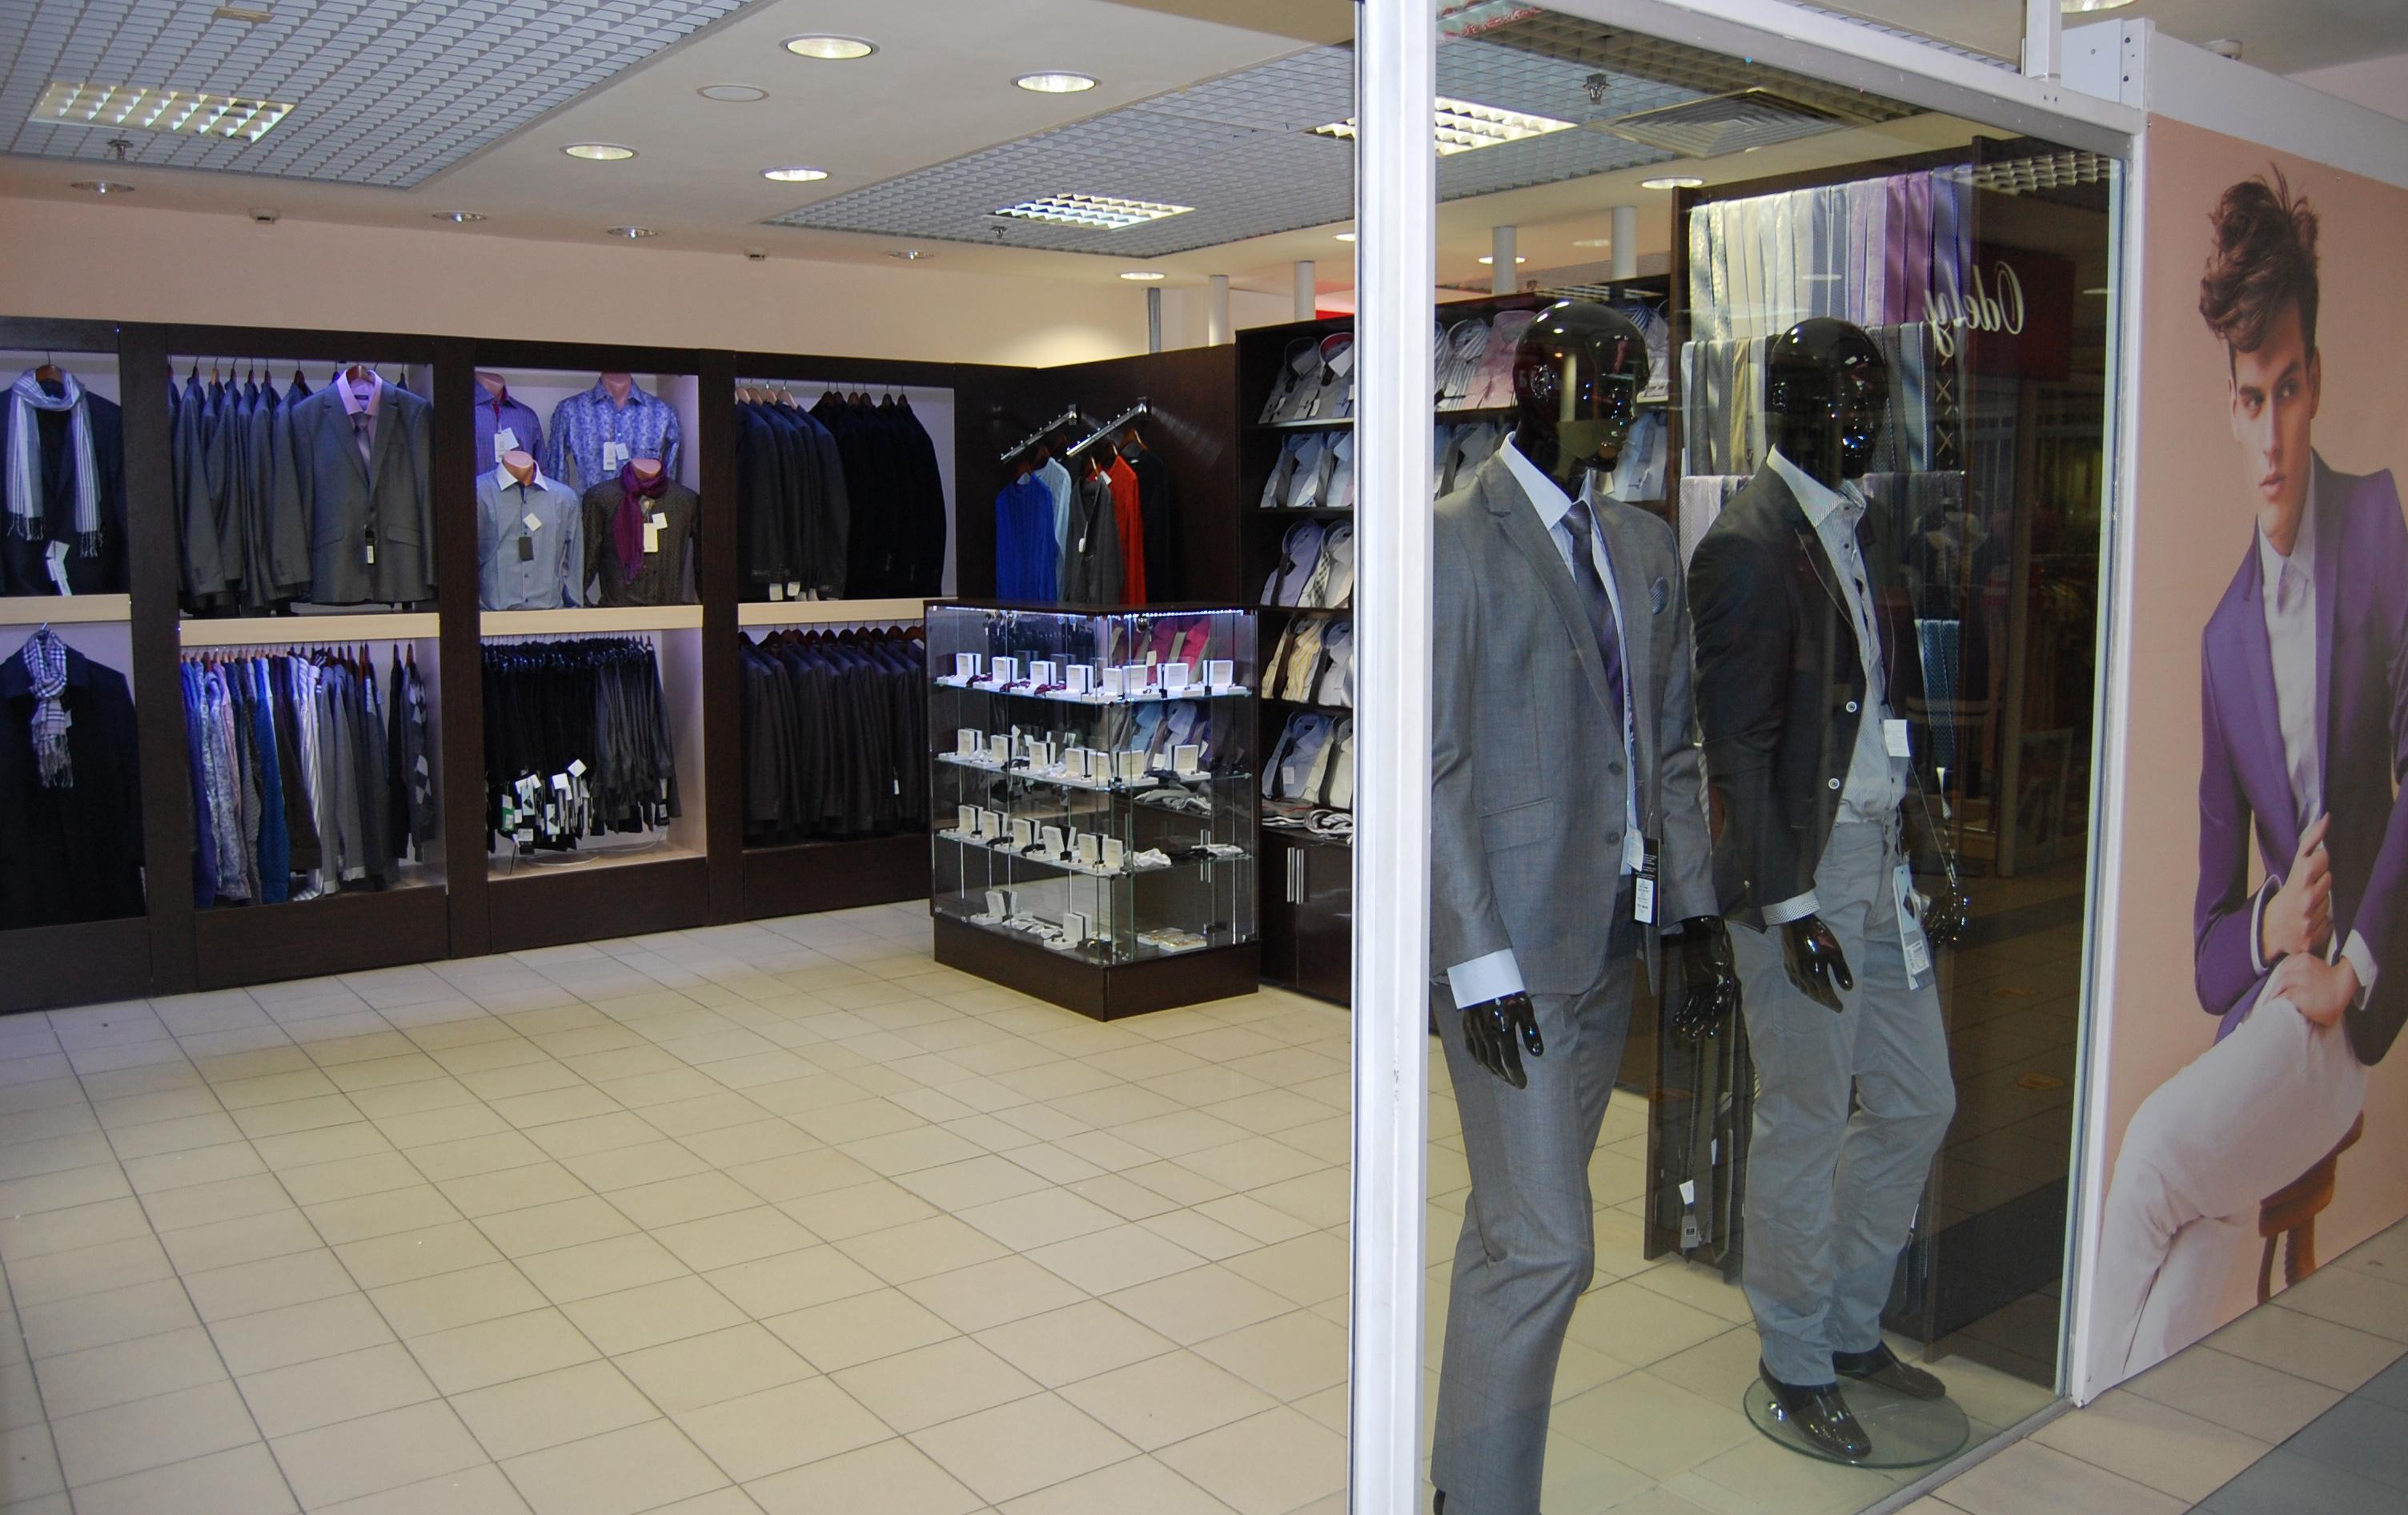 d4c6be9a710f WIDAS магазин мужской одежды - Стоковые магазины Киева, Cтоковая ...